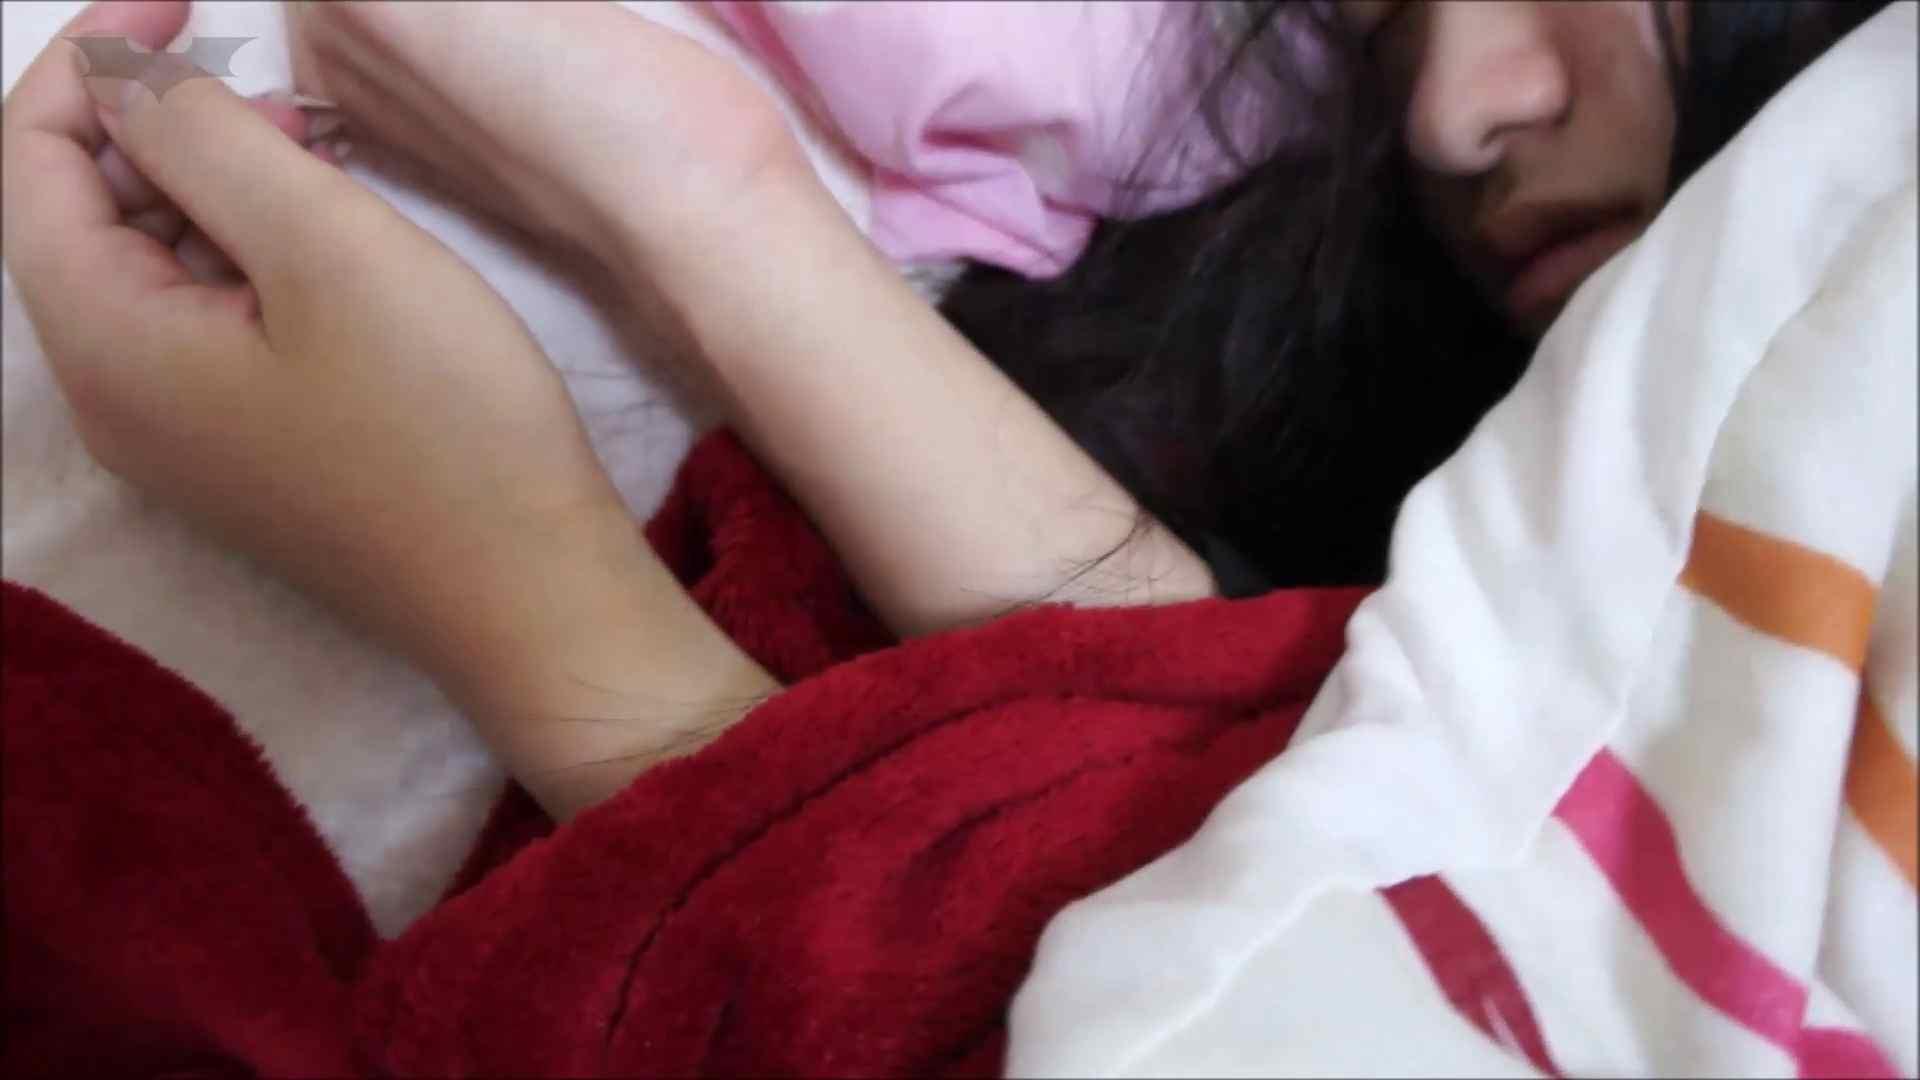 【俺の2人の愛嬢】【未公開】vol.71 3人一緒に・・・【れいか編】 桃色乳首   ギャル  75画像 21